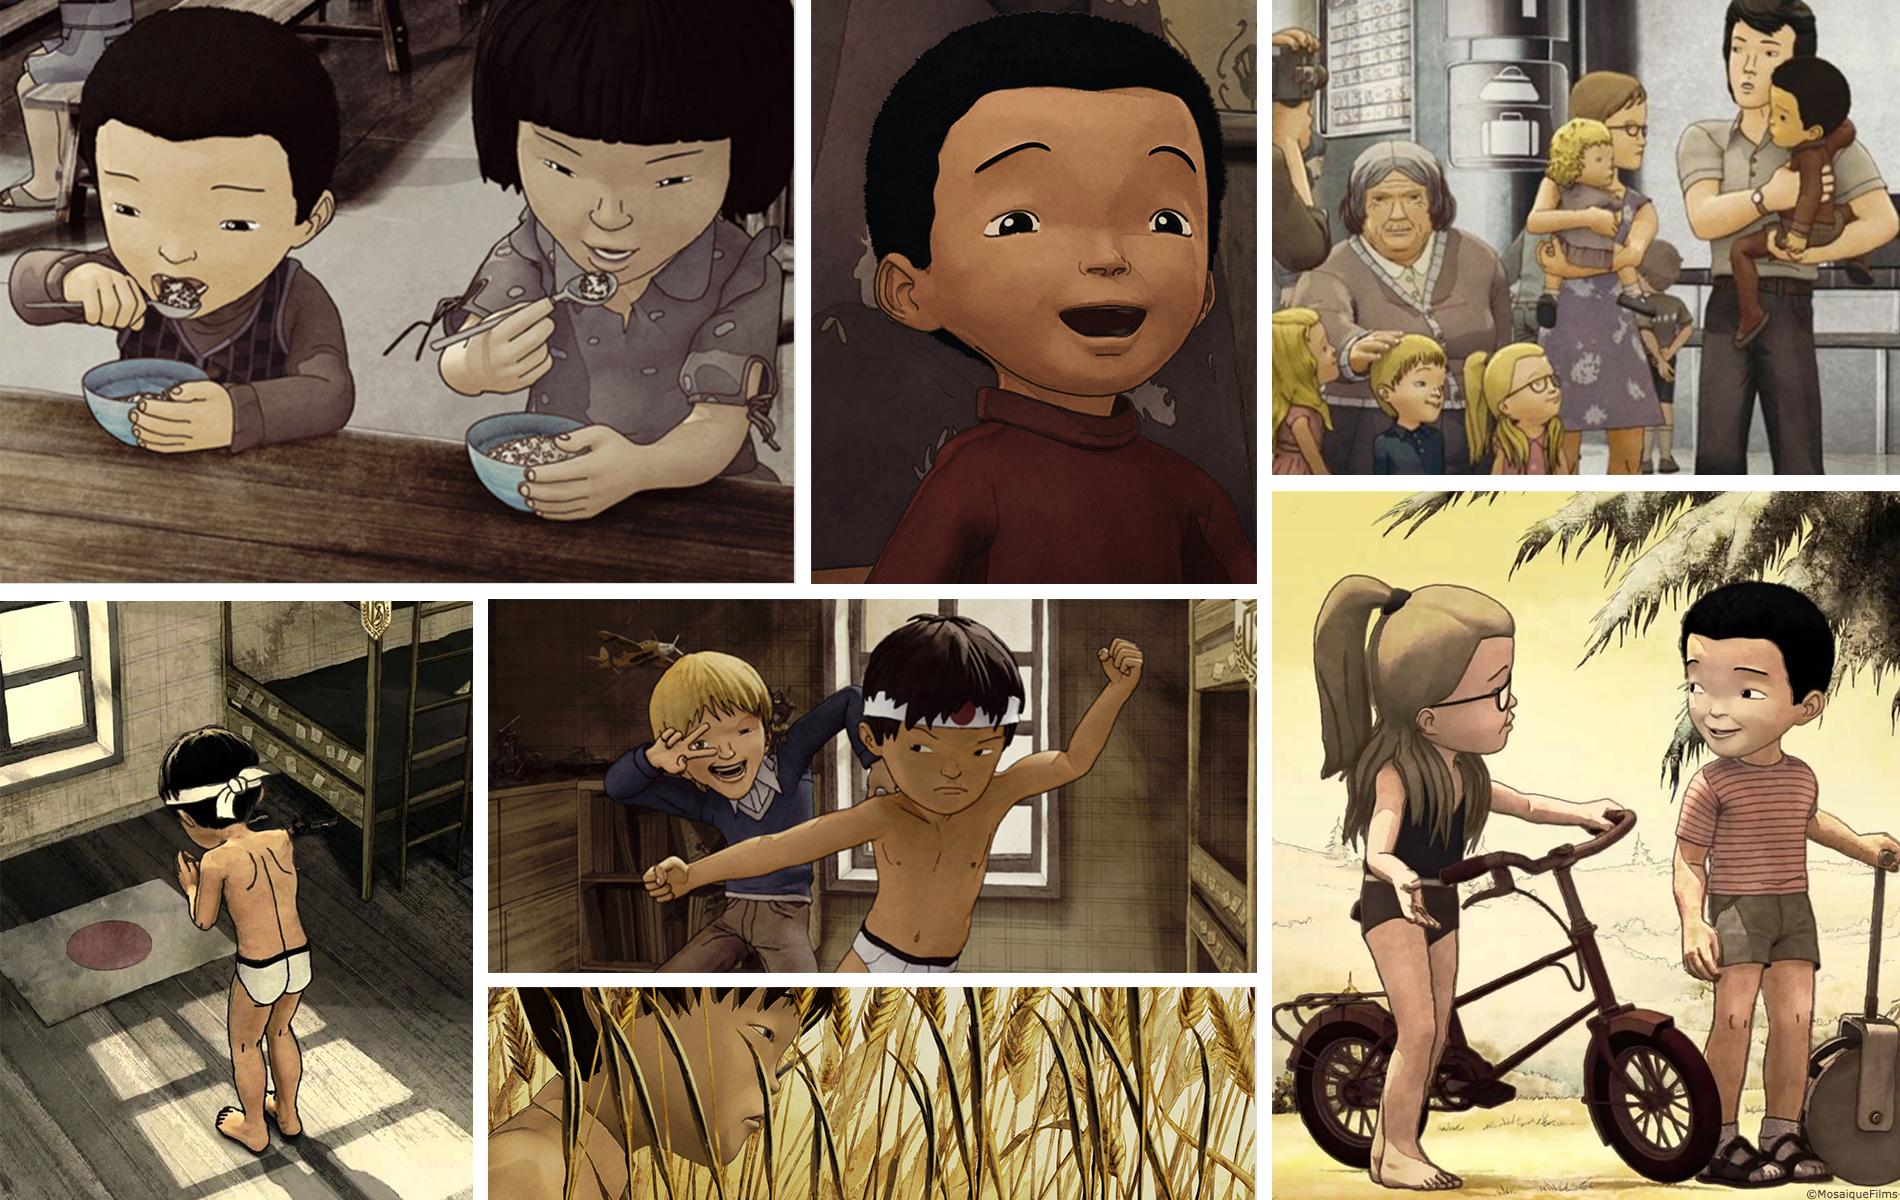 Couleur de peau miel - Animation long métrage - Design personnages, lay-out 2D par 2 minutes